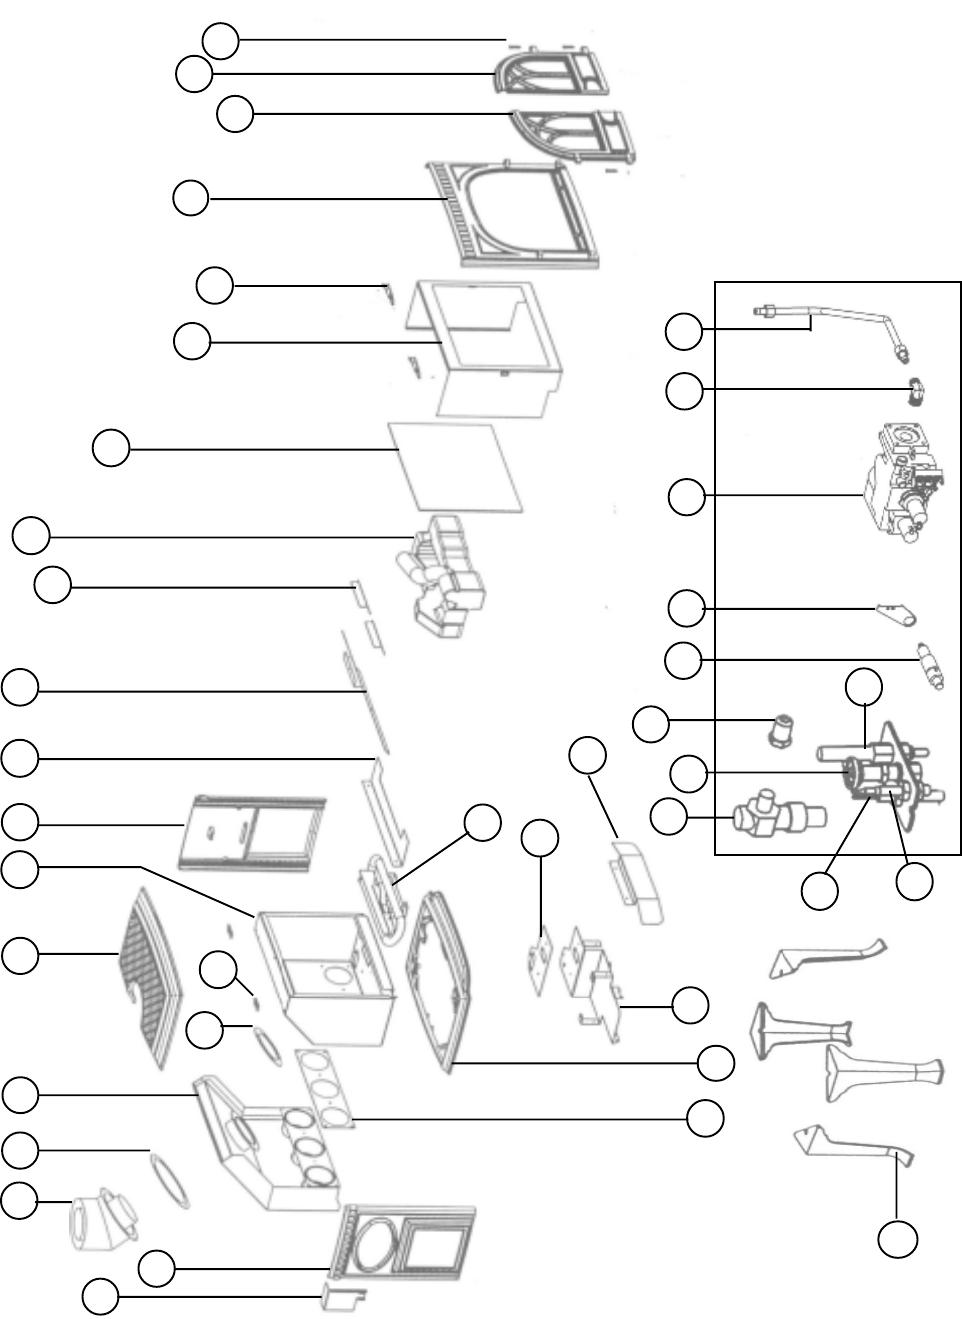 Jotul GF3 DVII Illustrated Parts List